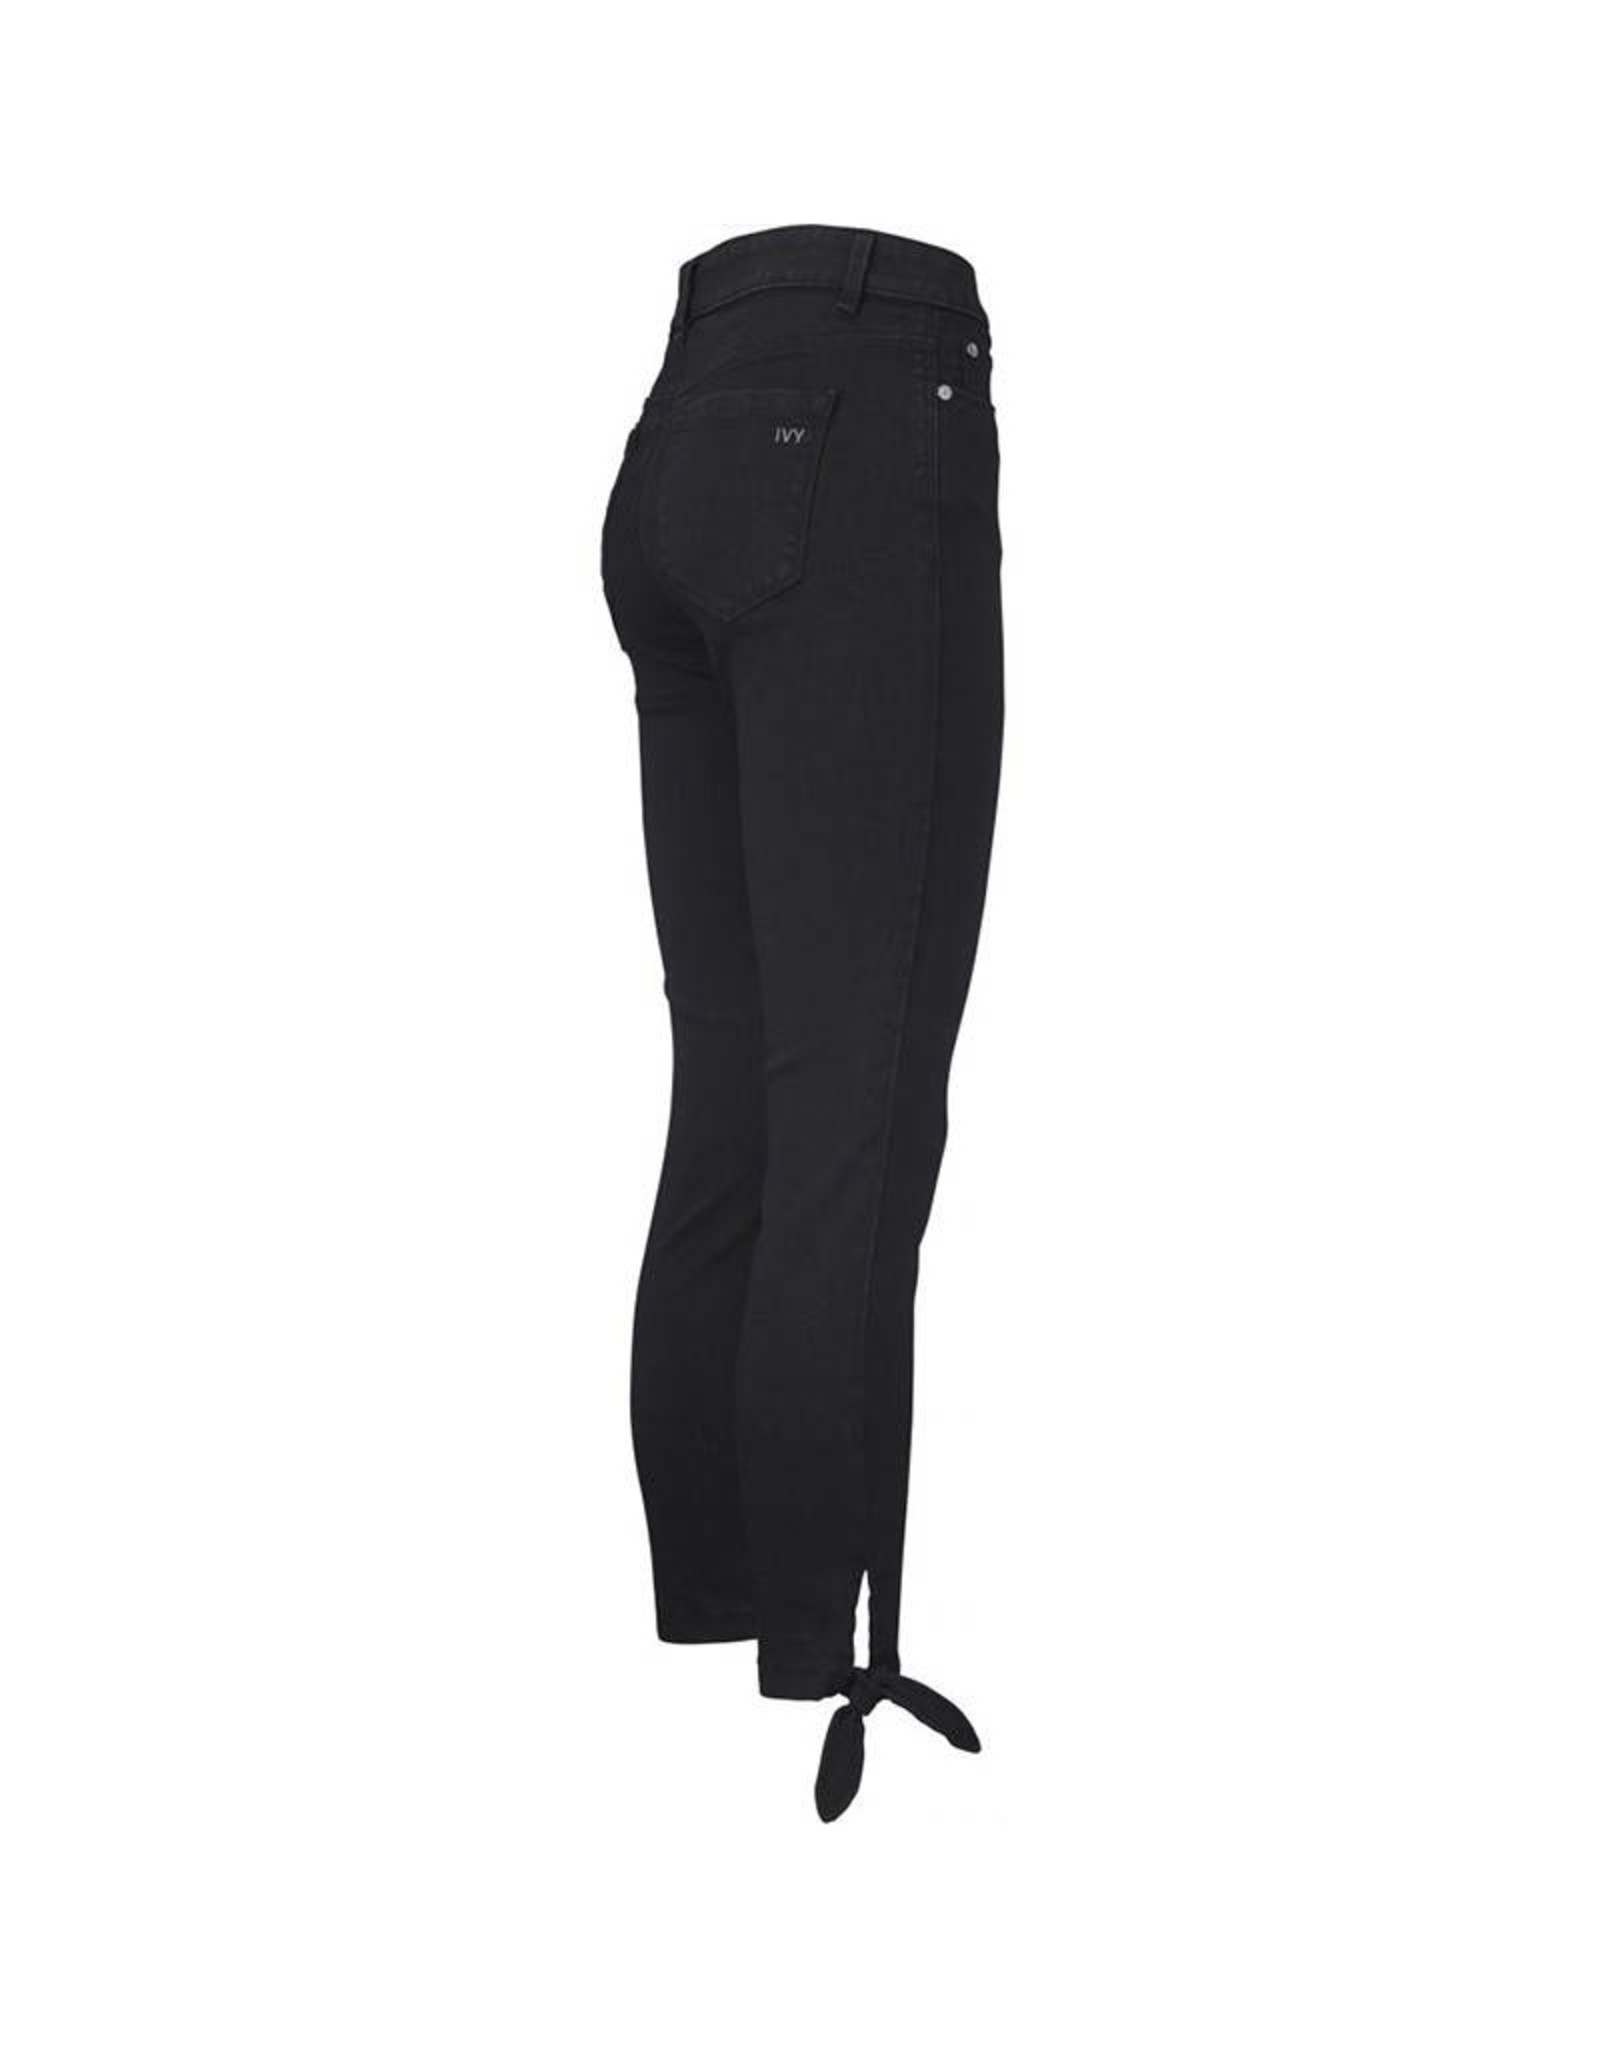 Ivy Alexa Jeans bow black